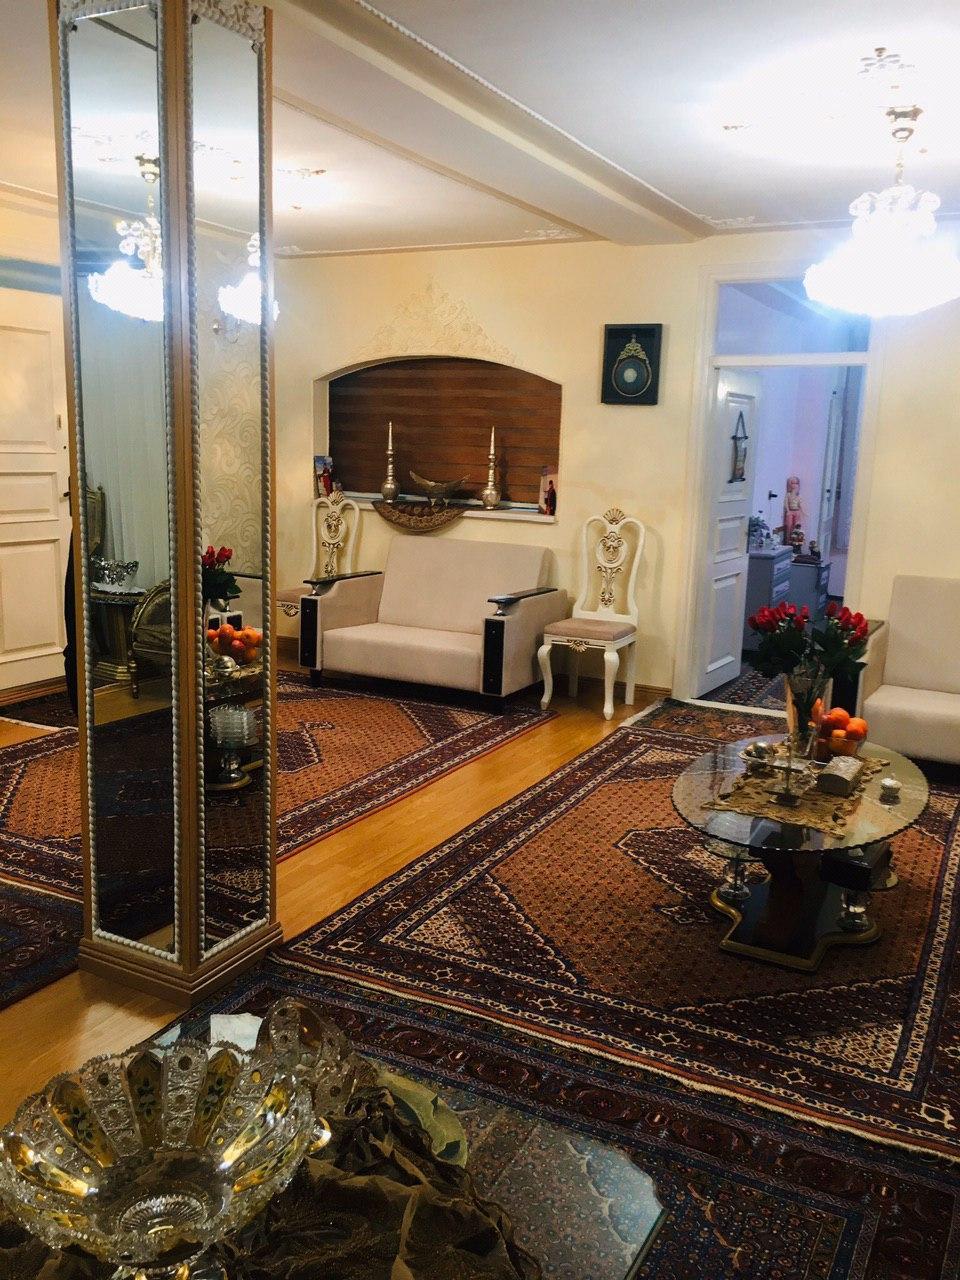 فروش طبقه دوم از آپارتمان 3 طبقه در شهرک سبلان